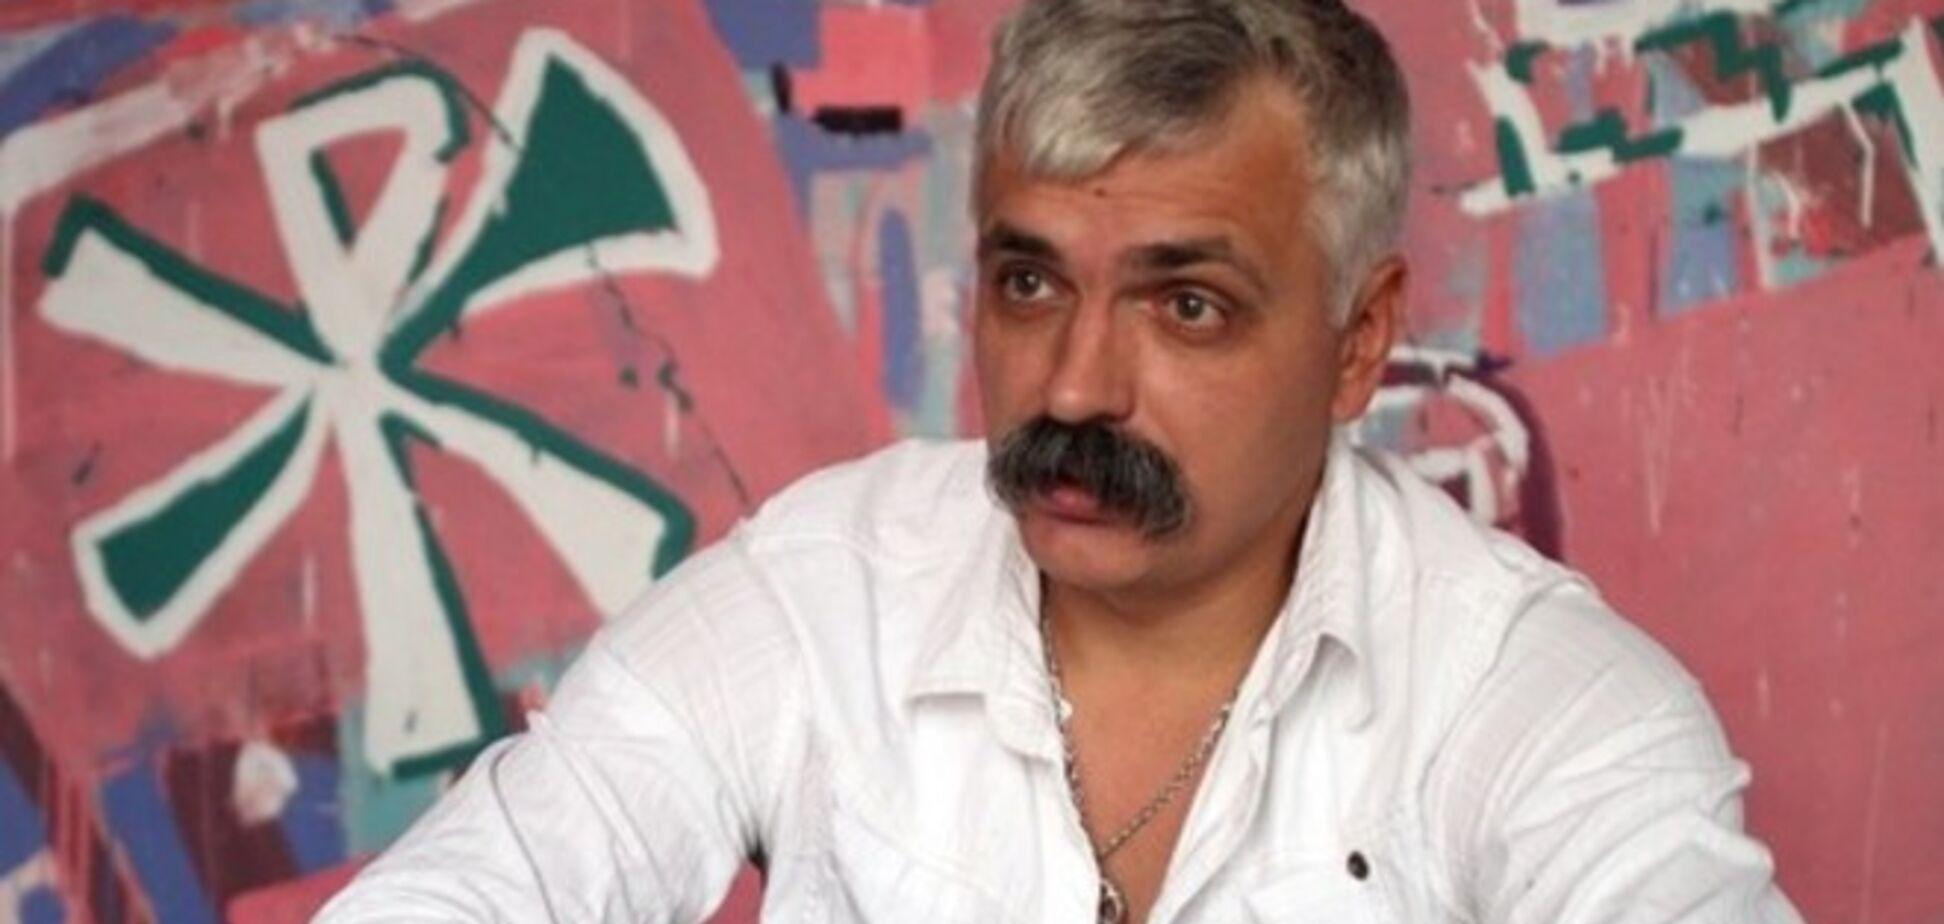 СБУ депортувала 'представника московської антипутінської опозиції' - Корчинський